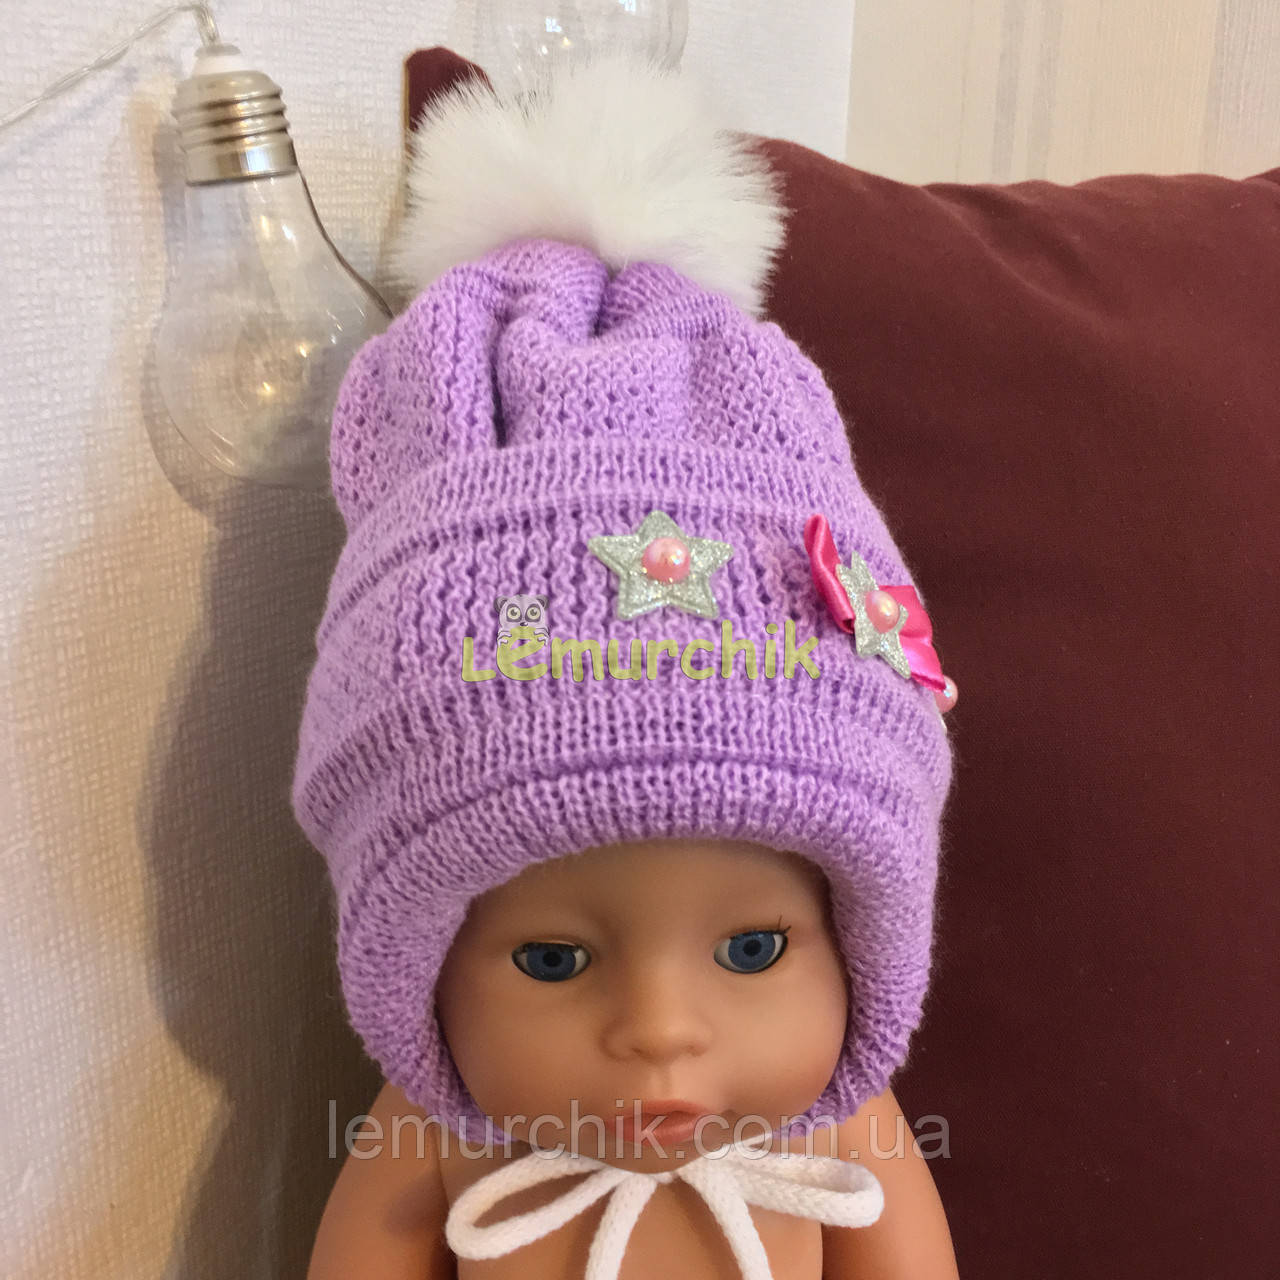 Зимова шапочка для дівчинки на флісі на рік, колір на вибір